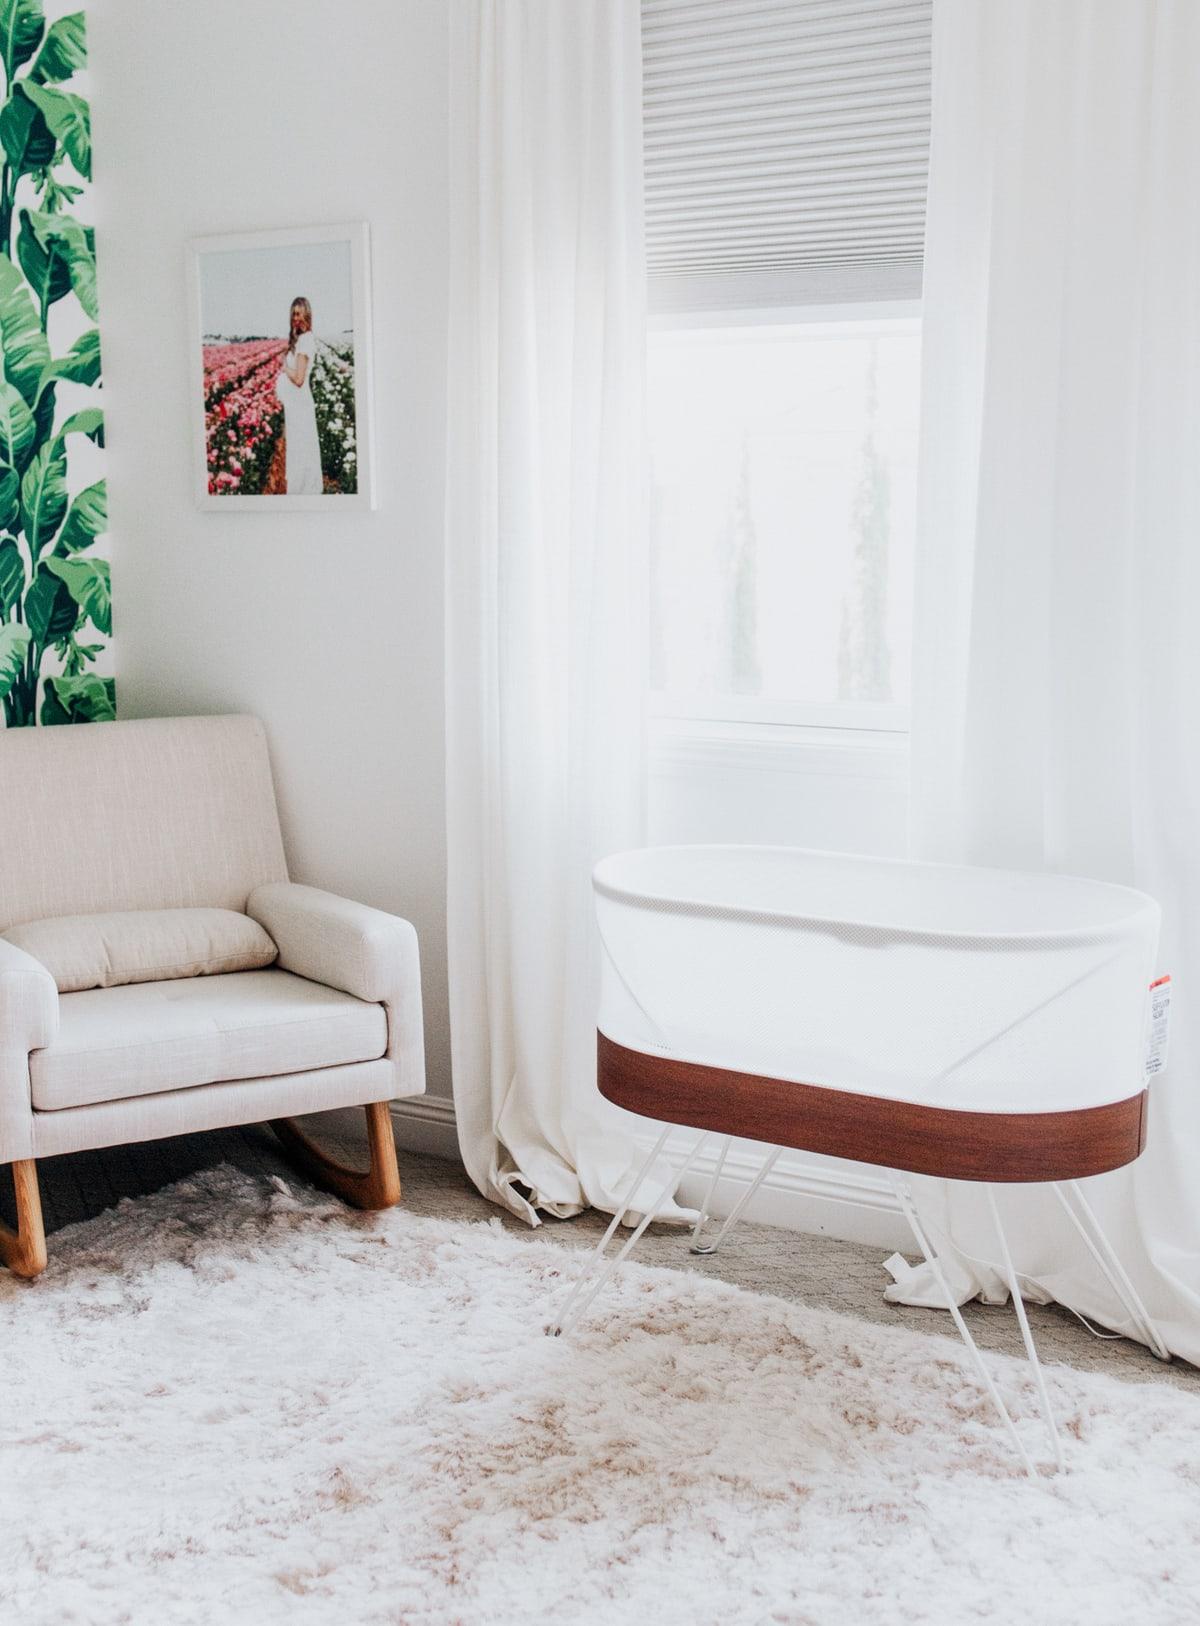 snoo bassinet